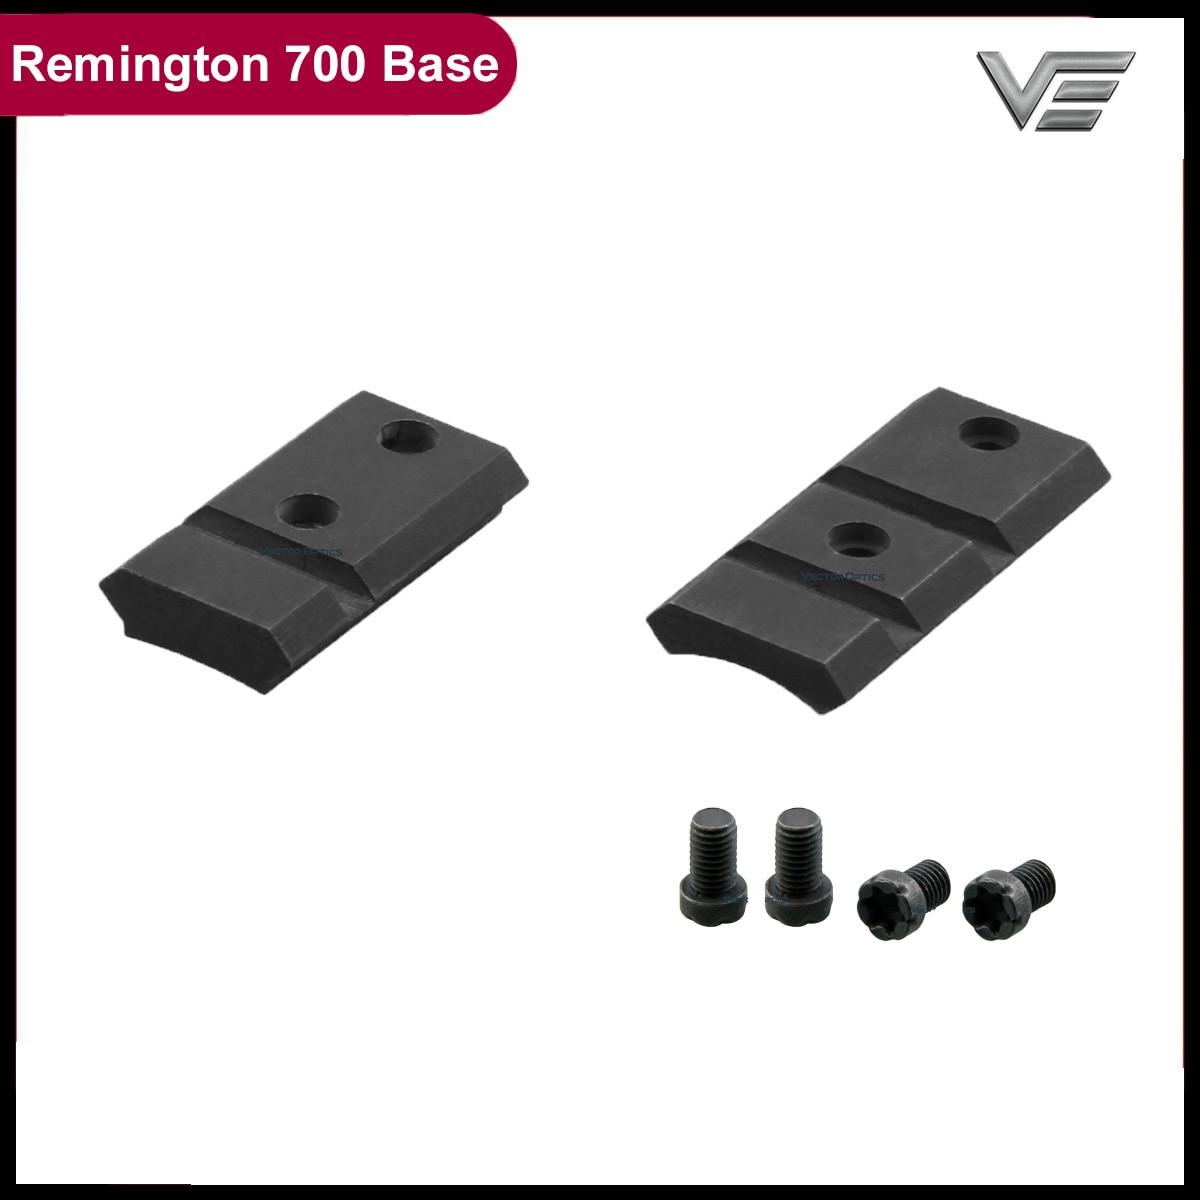 Векторная оптика Remington 700 Пикатинни Крепление основание короткая длинная сталь сделано 21 мм рельс